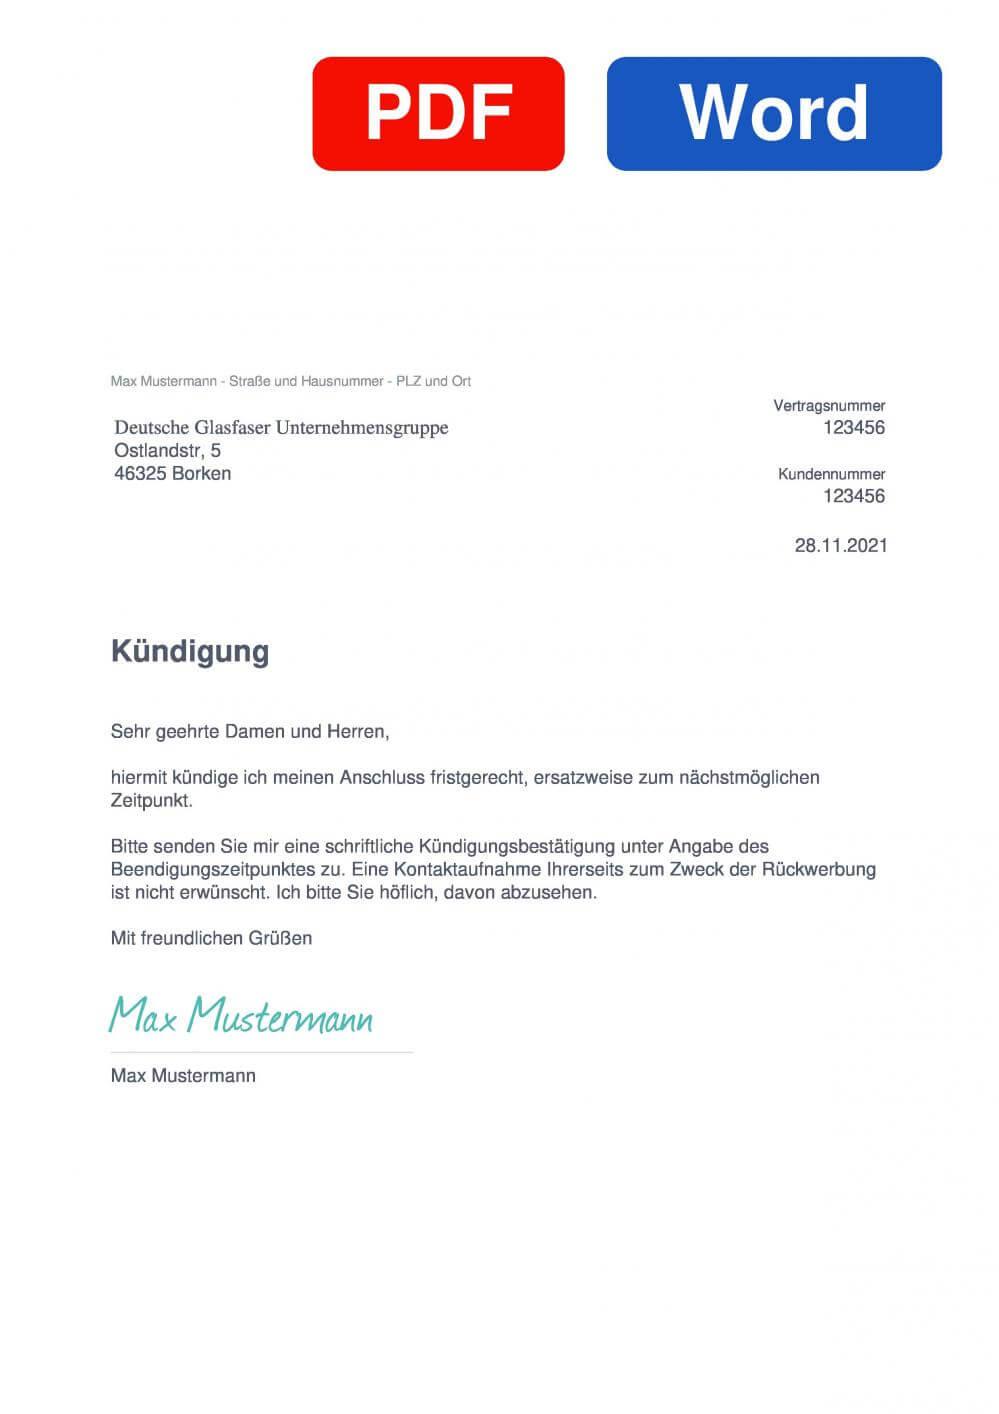 Deutsche Glasfaser Muster Vorlage für Kündigungsschreiben